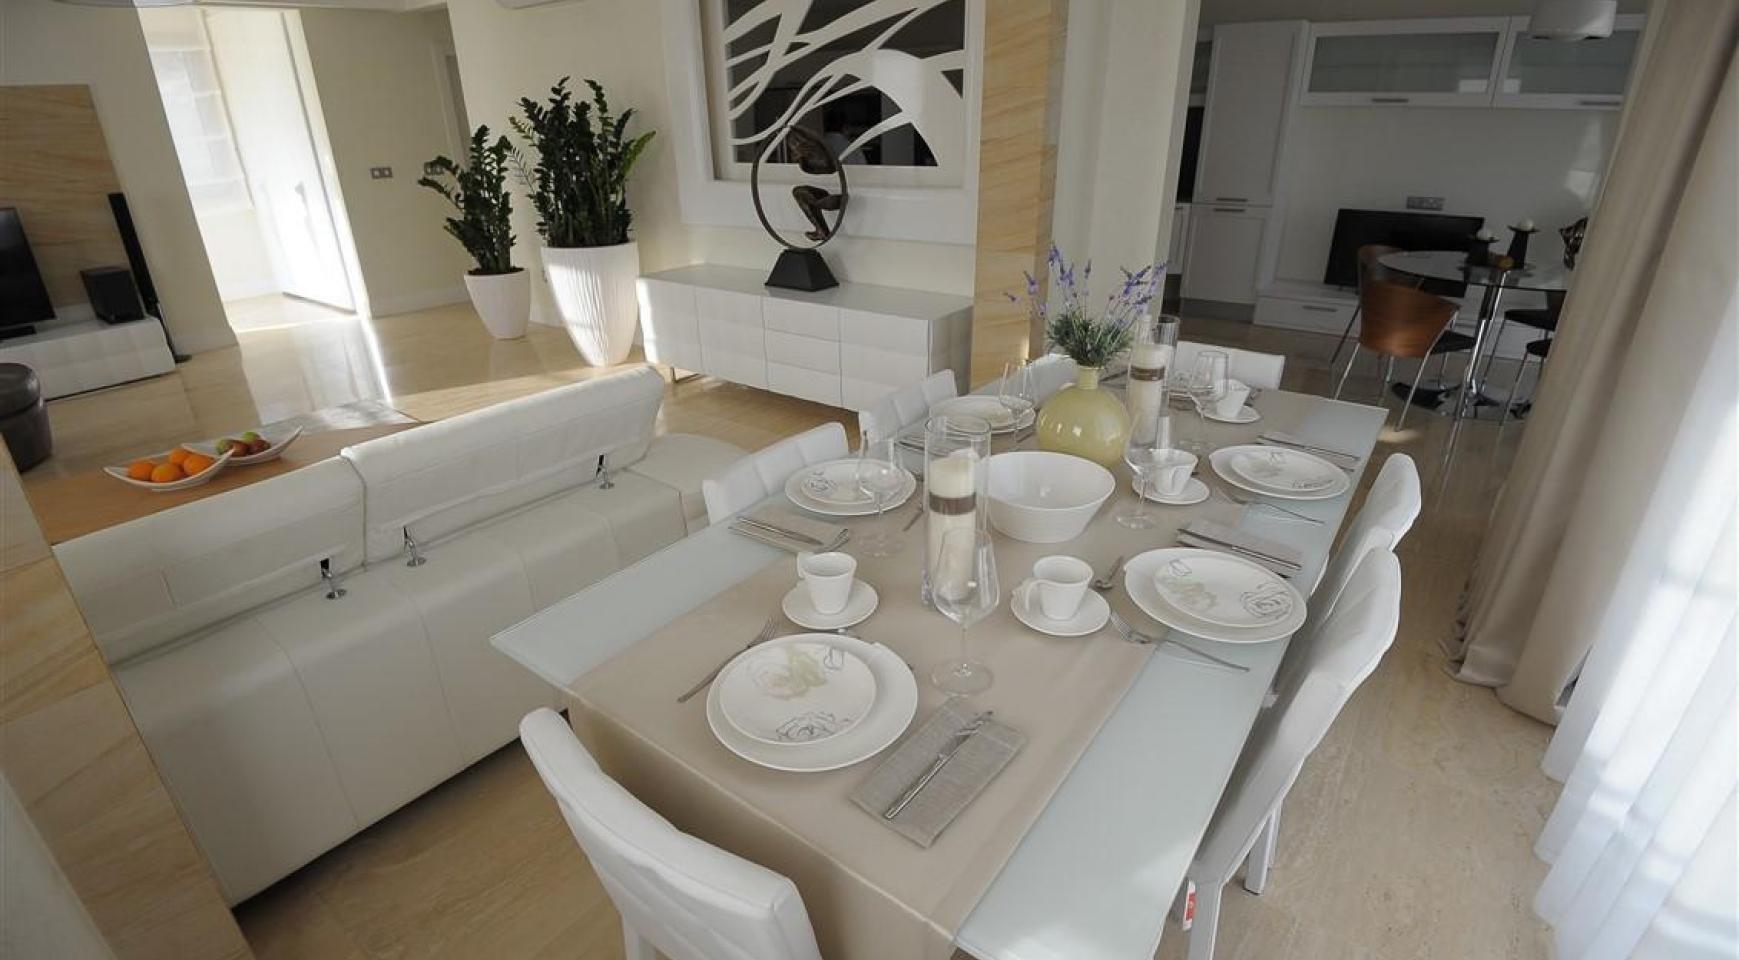 Новая Элитная 5-Спальная Вилла с Изумительными Видами в Районе  Agios Tychonas - 6